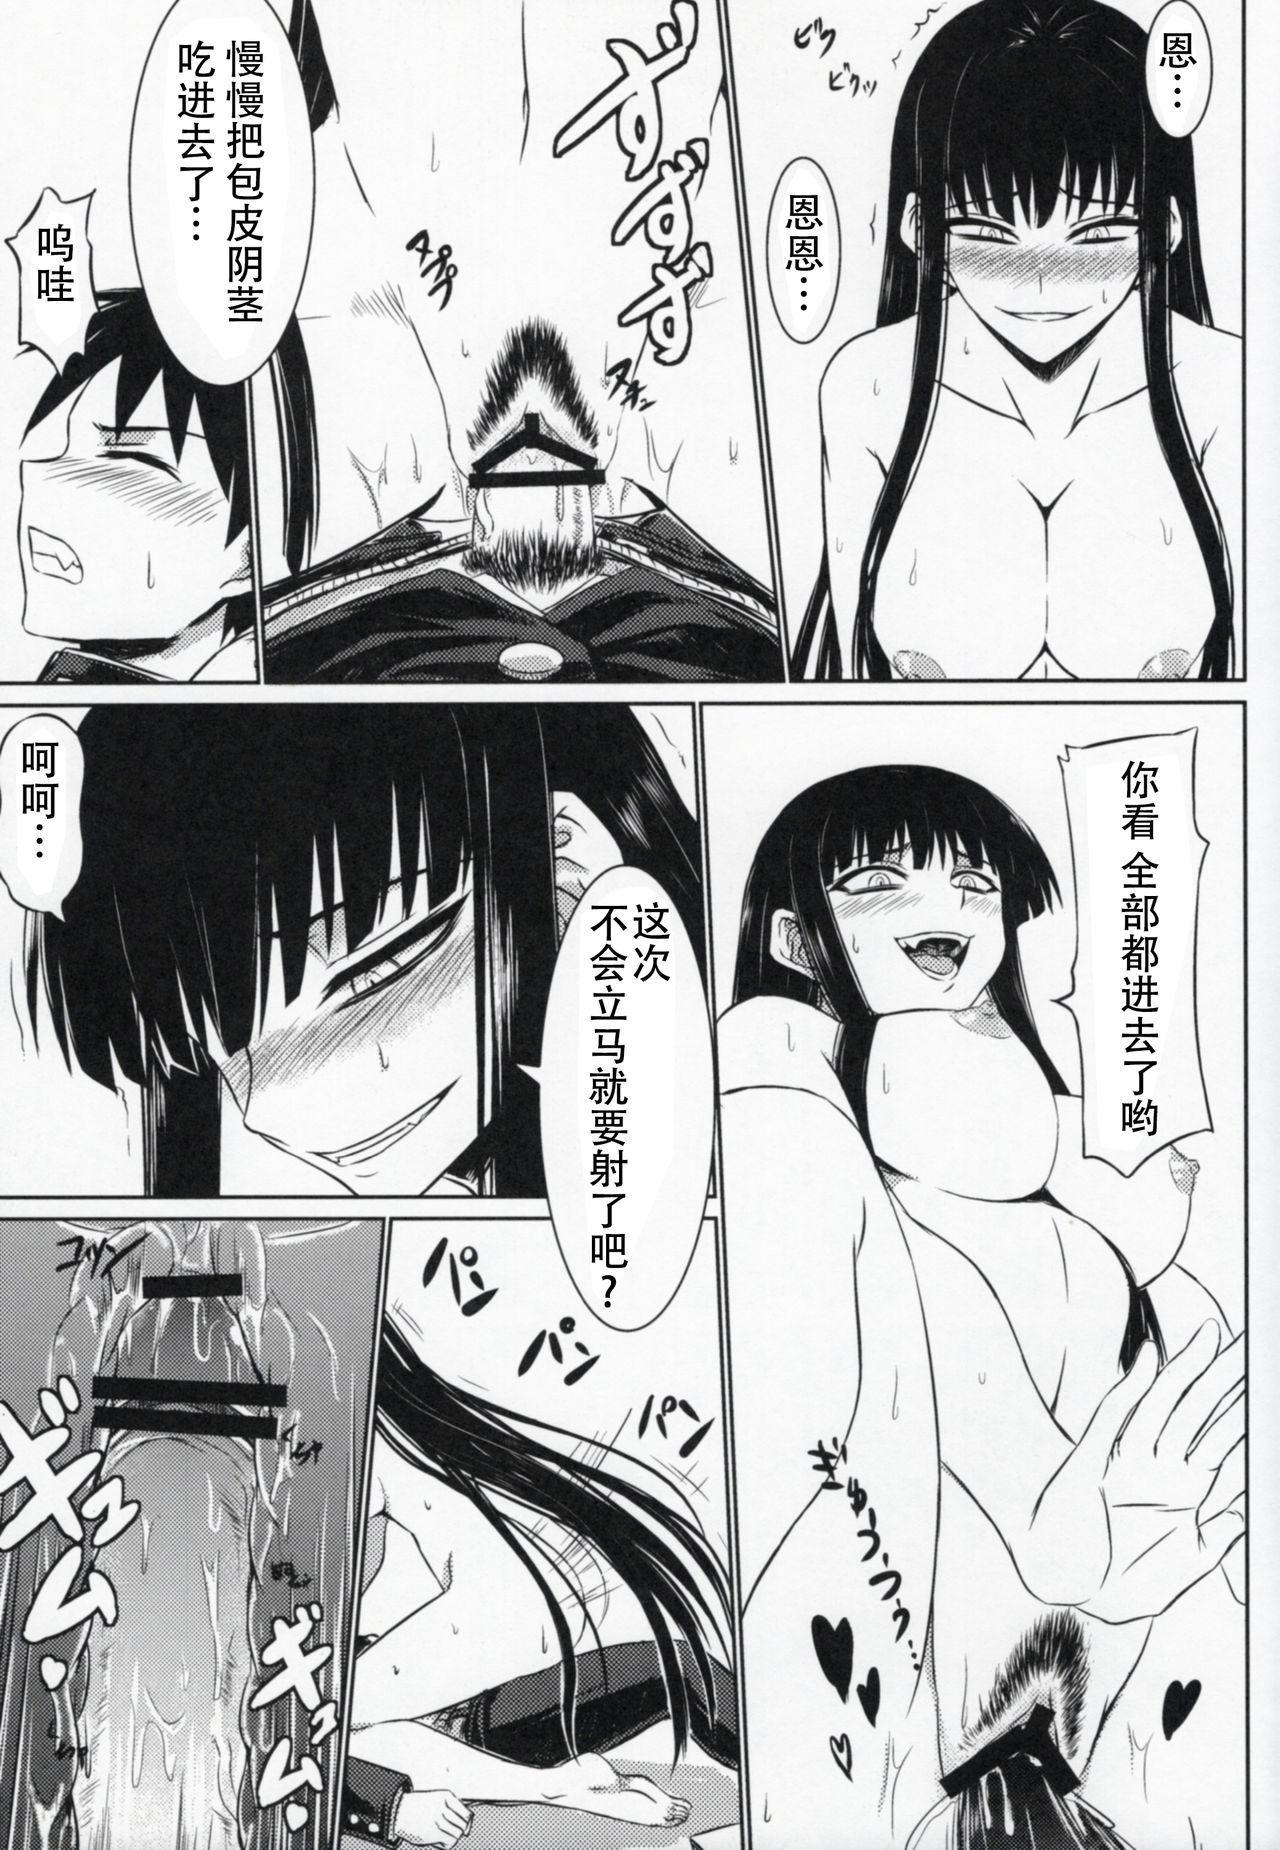 Houkago Sex 3 16